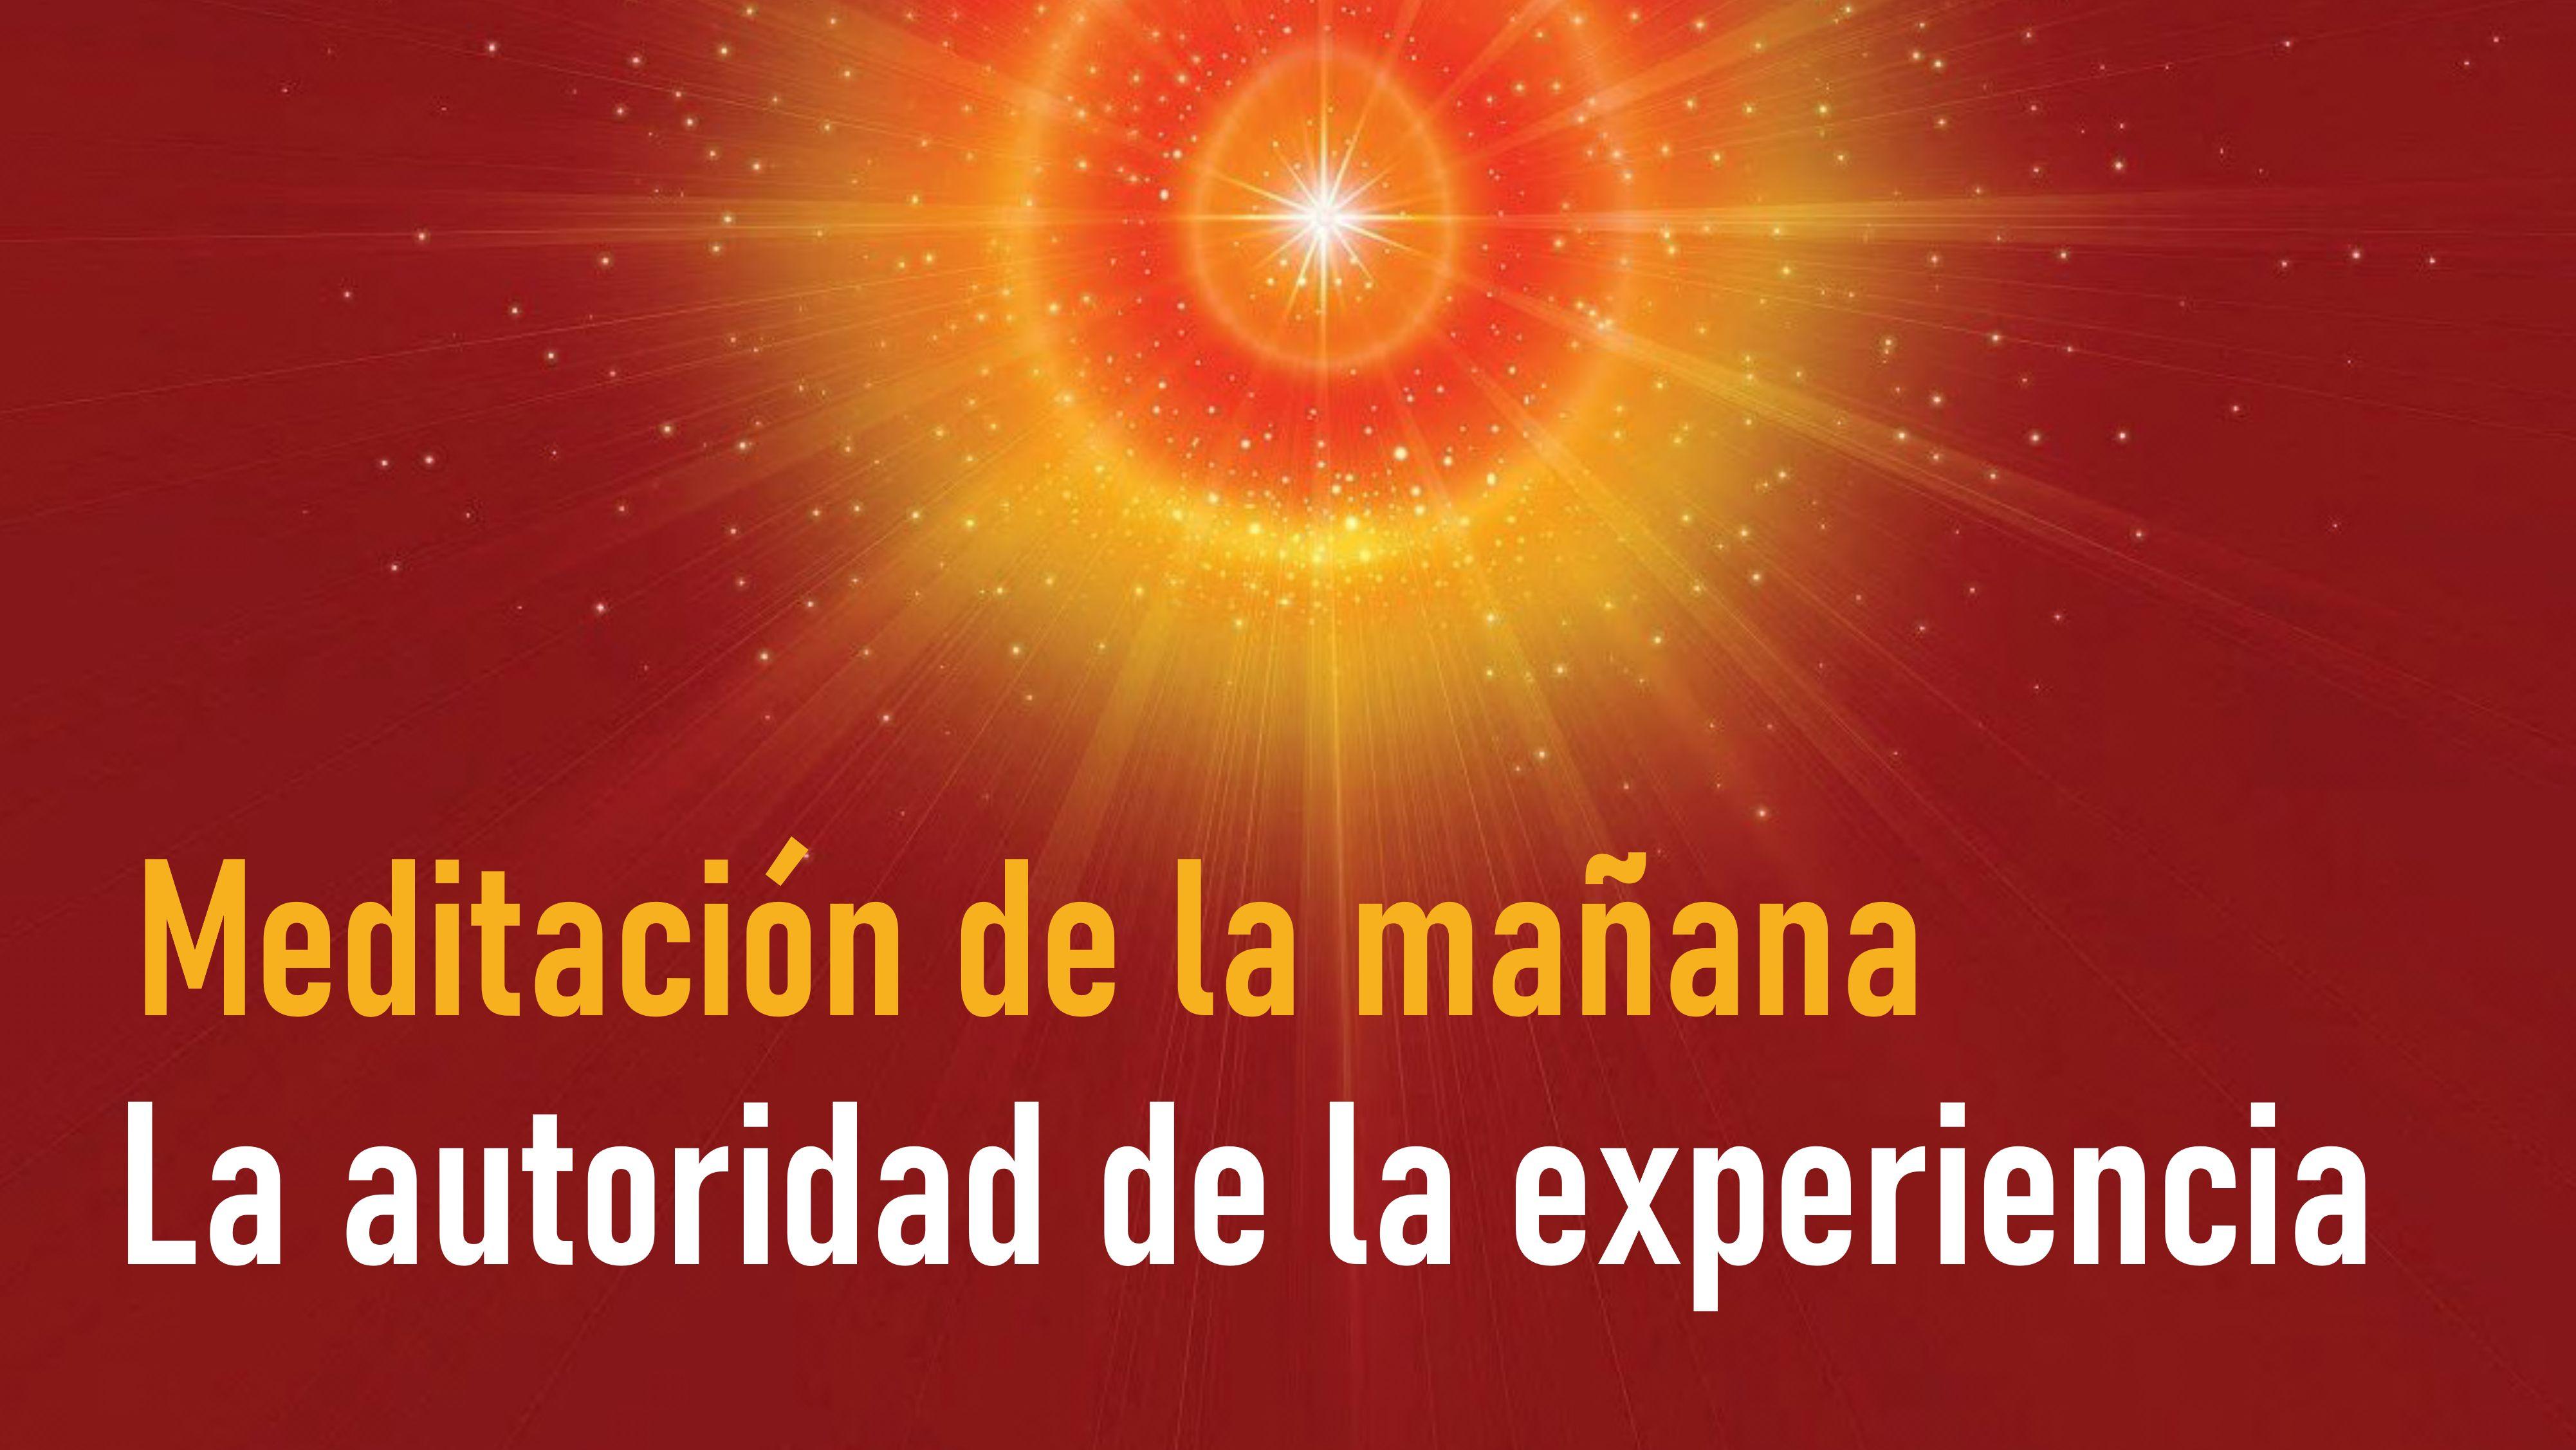 Meditación de la mañana: La autoridad de la experiencia (31 Agosto 2020)